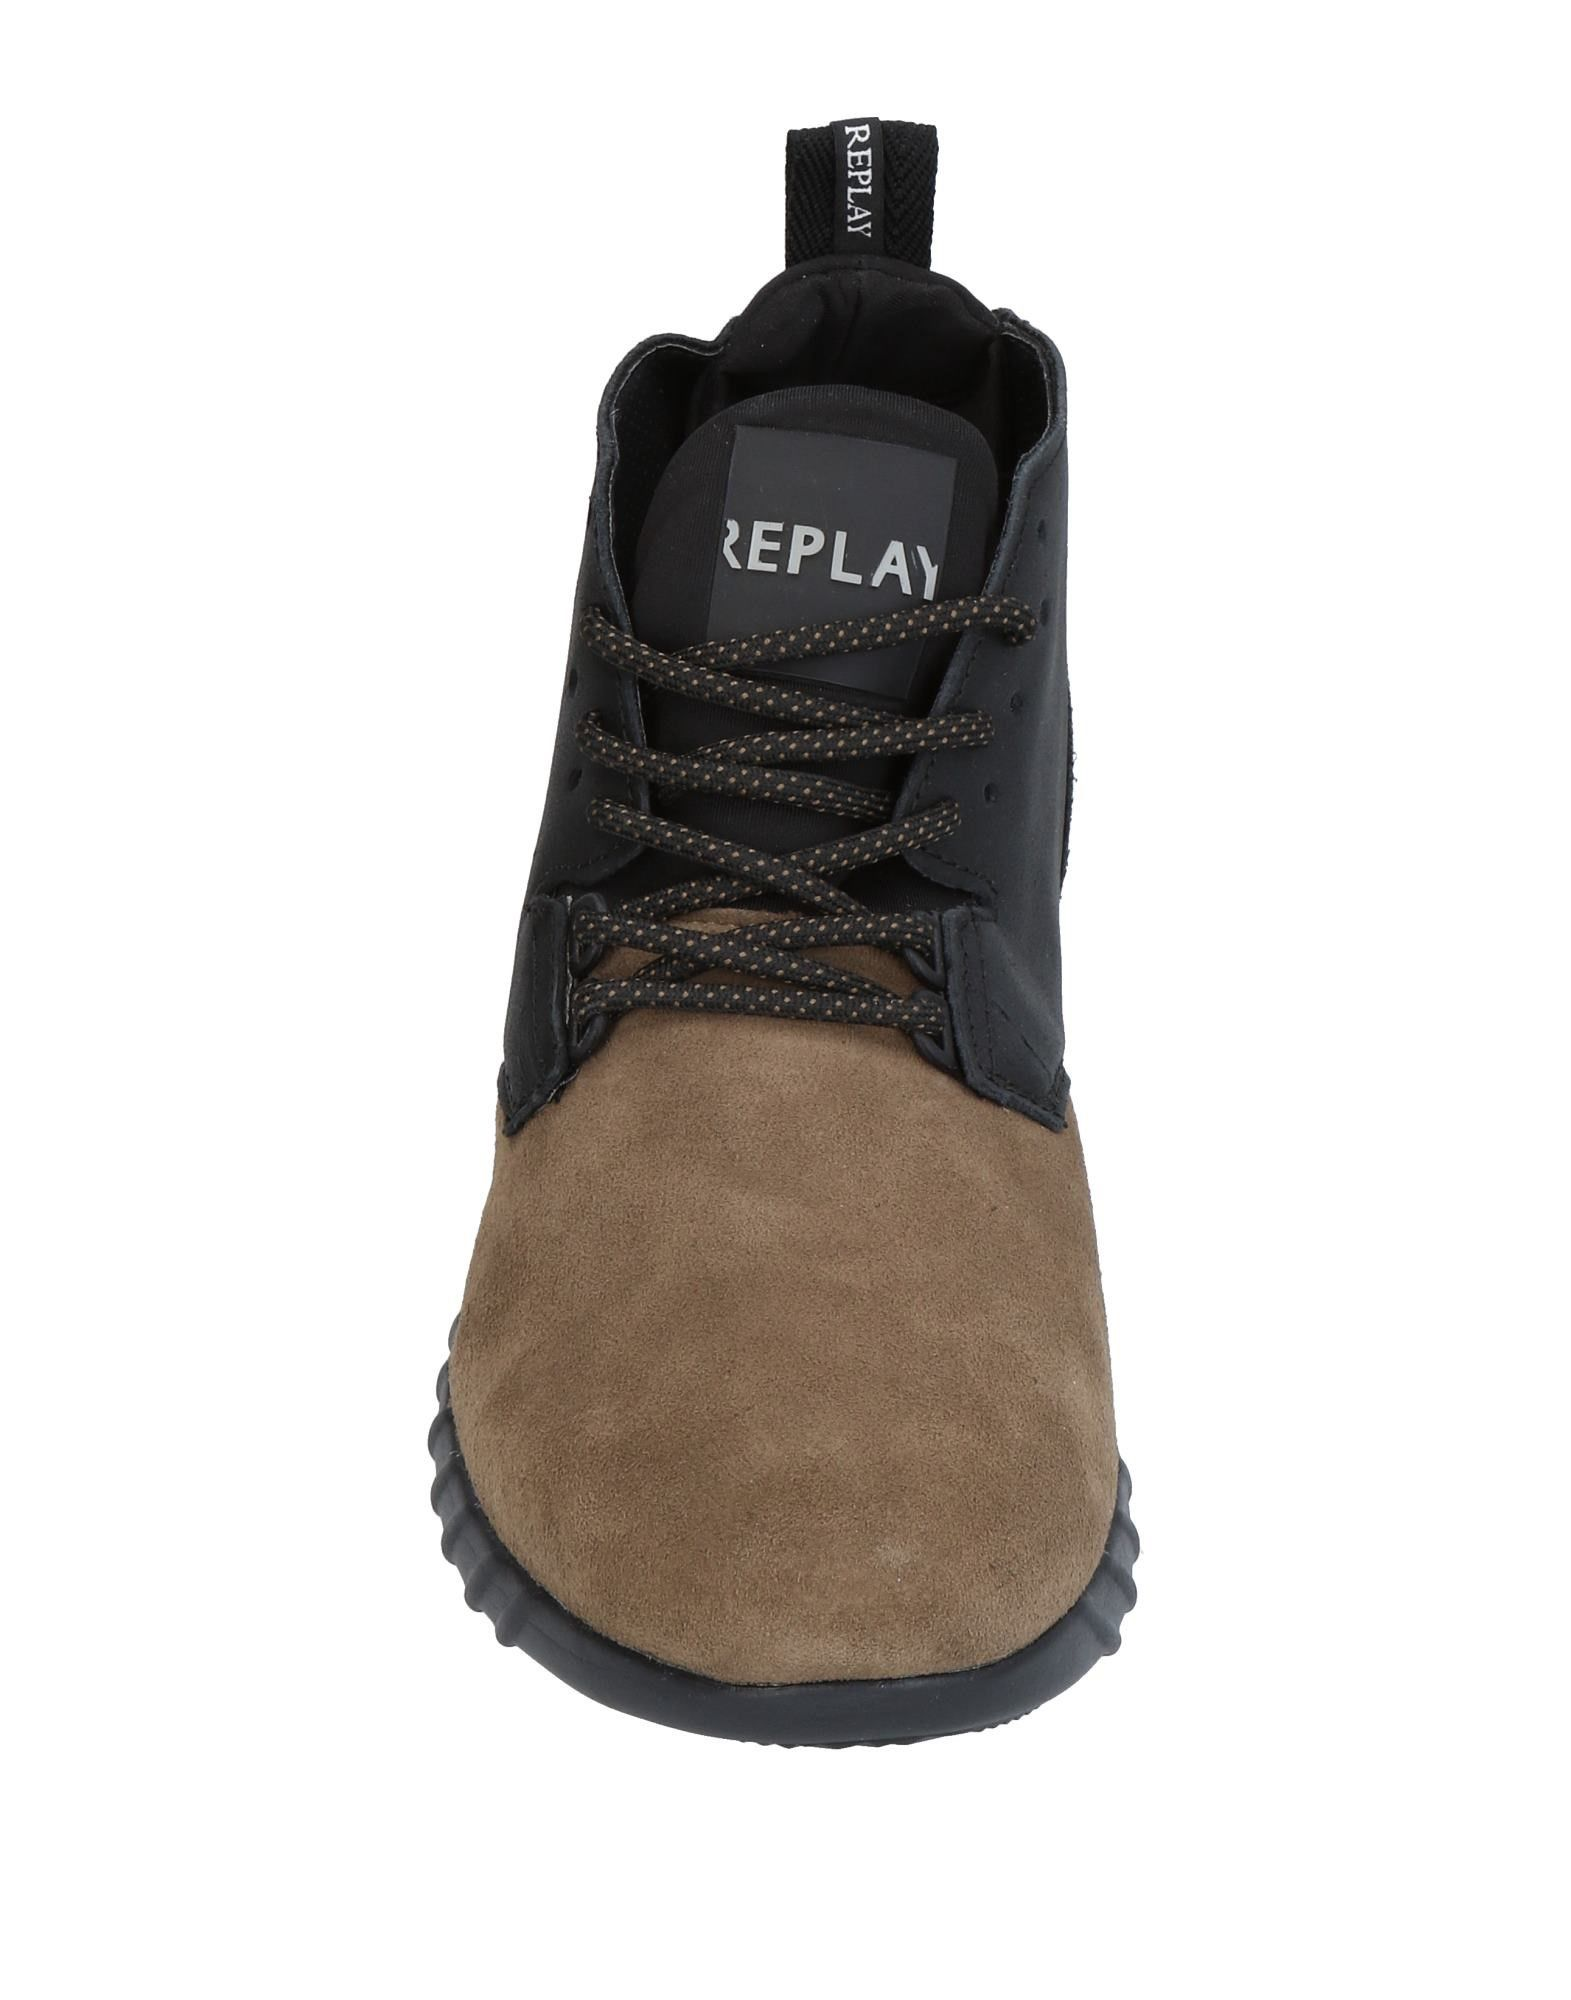 Moda Sneakers Replay Uomo - - - 11462723CR 7b5c97